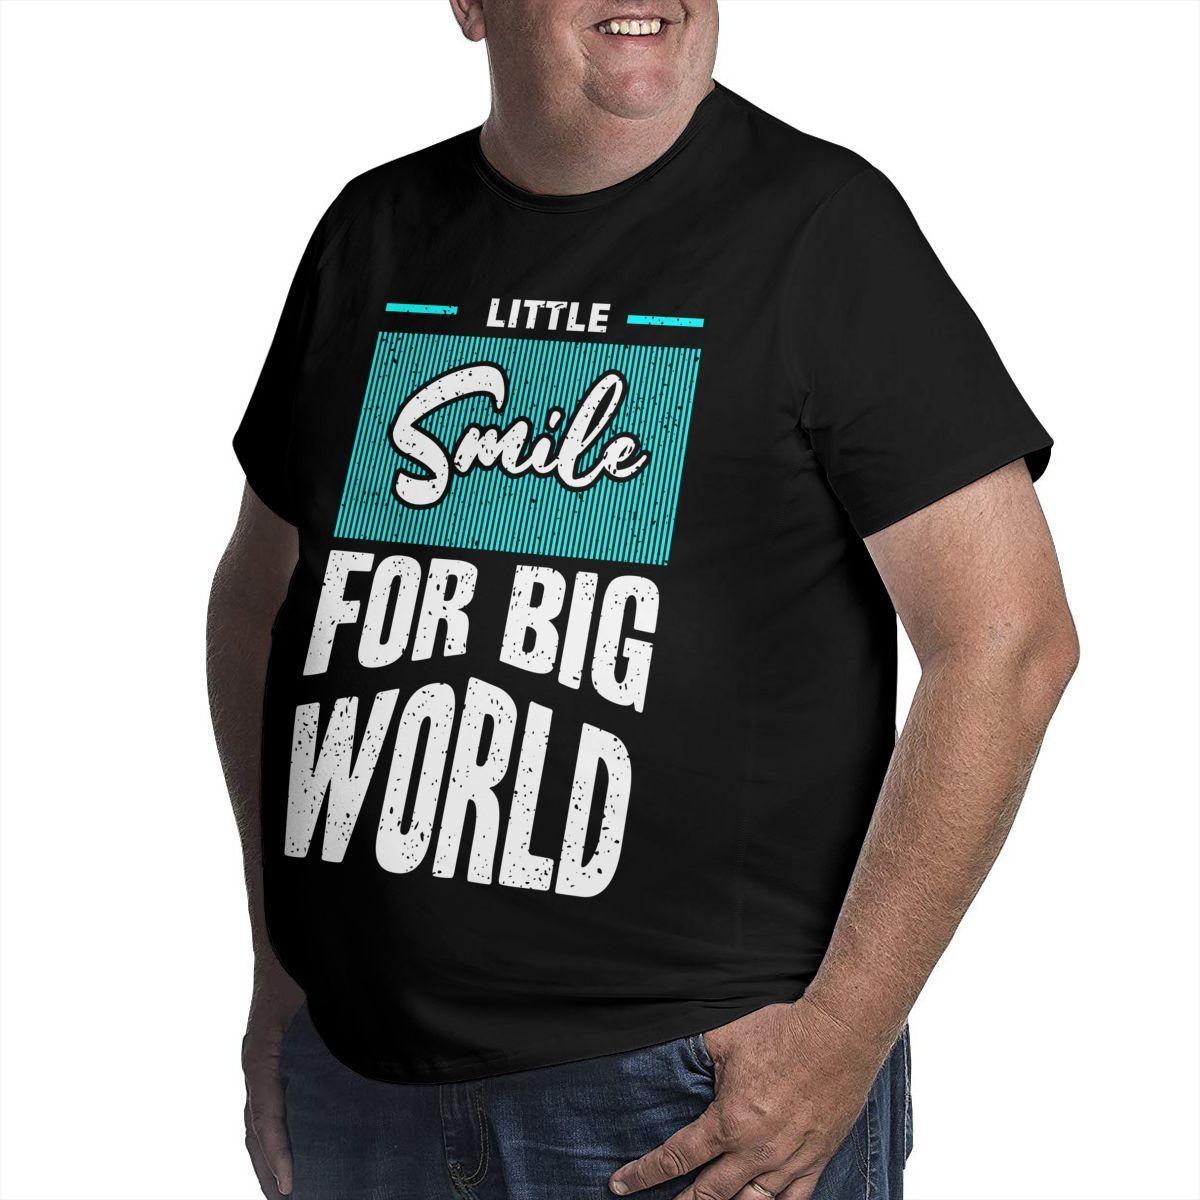 동기 부여 그래픽 남성 대형 티셔츠 코튼 큰 키 큰 남자 플러스 사이즈 탑 티 참신 티셔츠 짧은 소매 여름